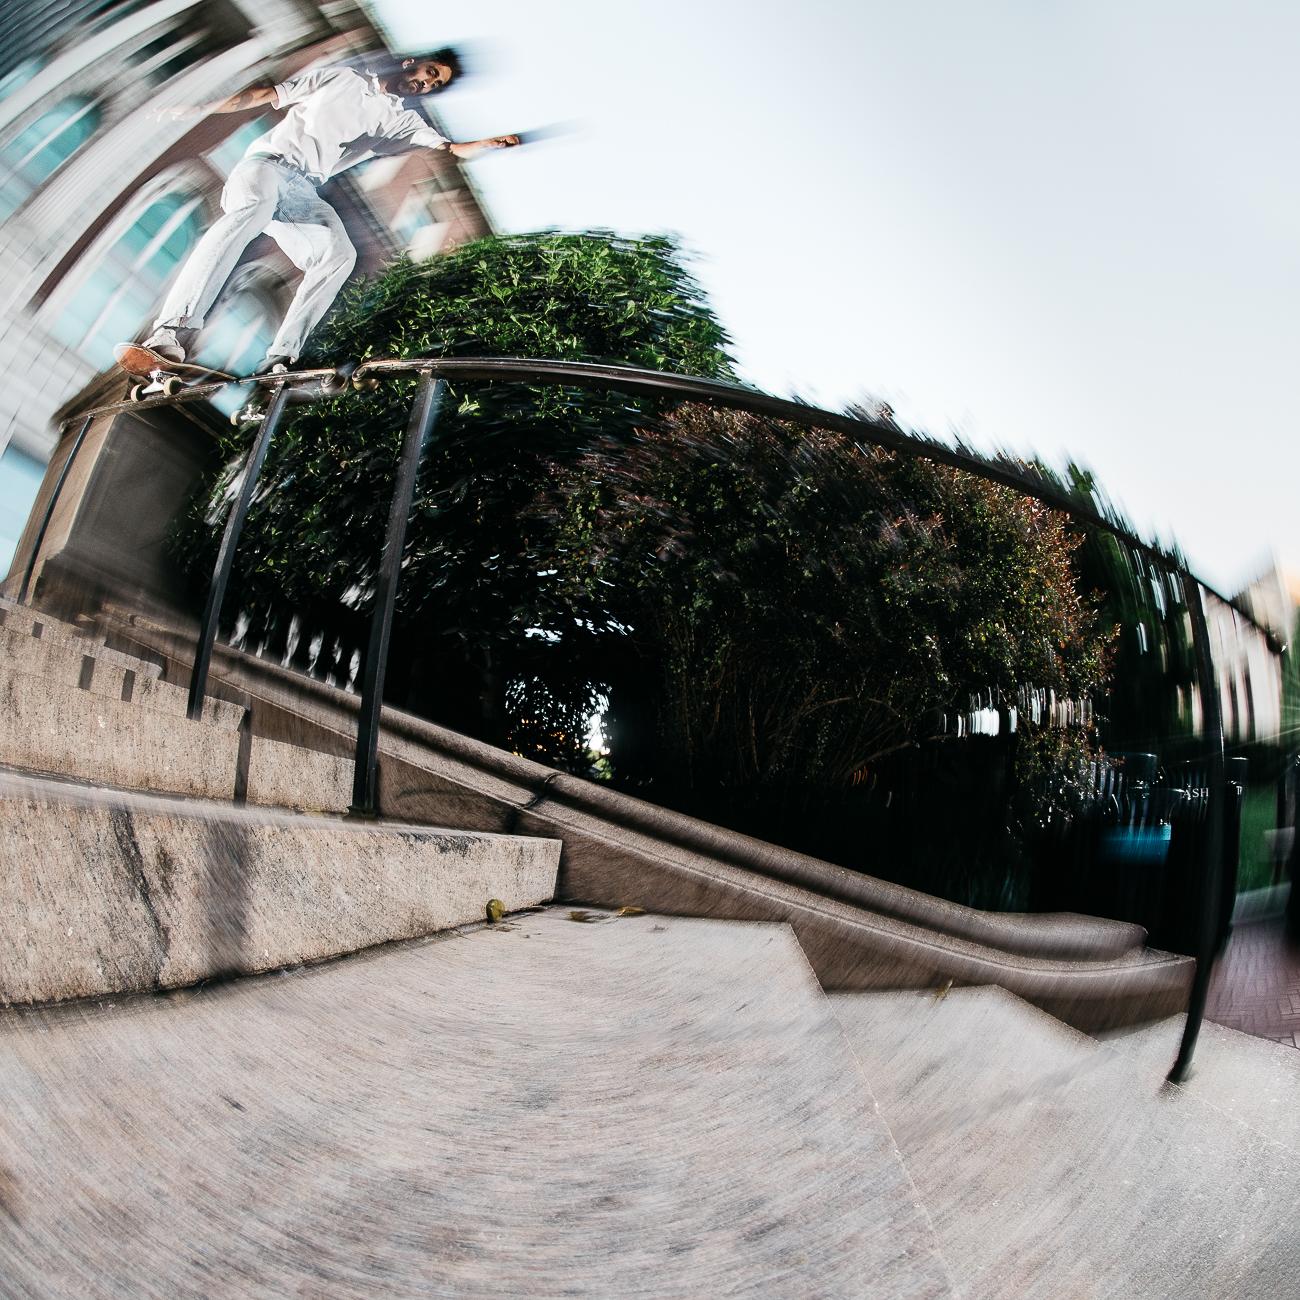 Skateboard Trick - Boardslide